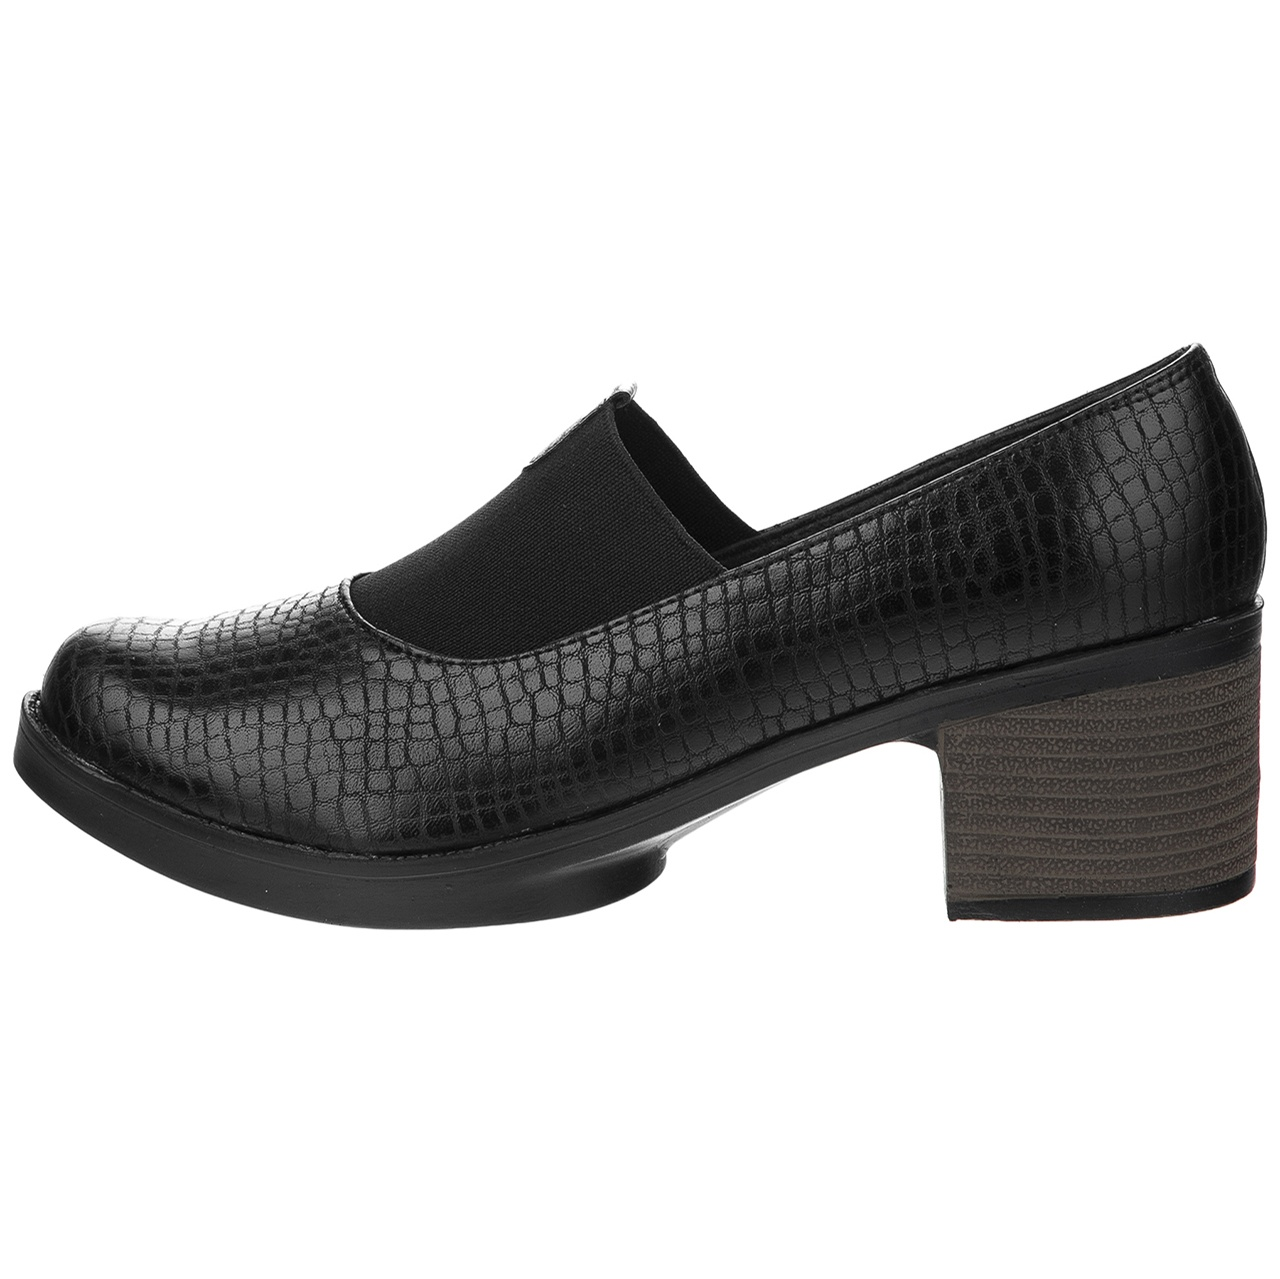 کفش زنانه مدل آرام کد 025